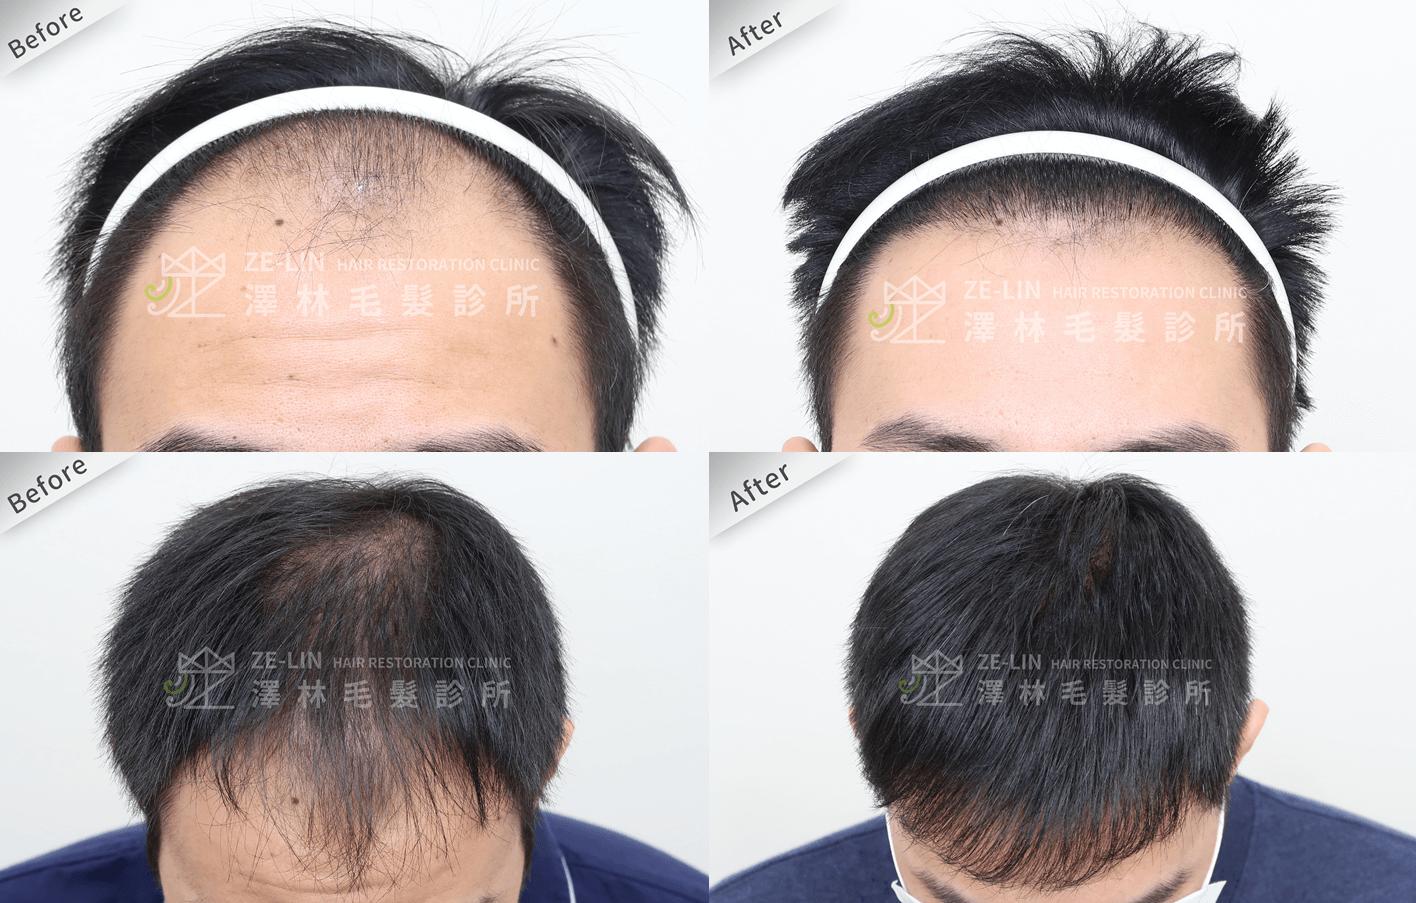 植髮推薦:前額及頂部植髮手術所需時間案例分享 第五期雄性禿